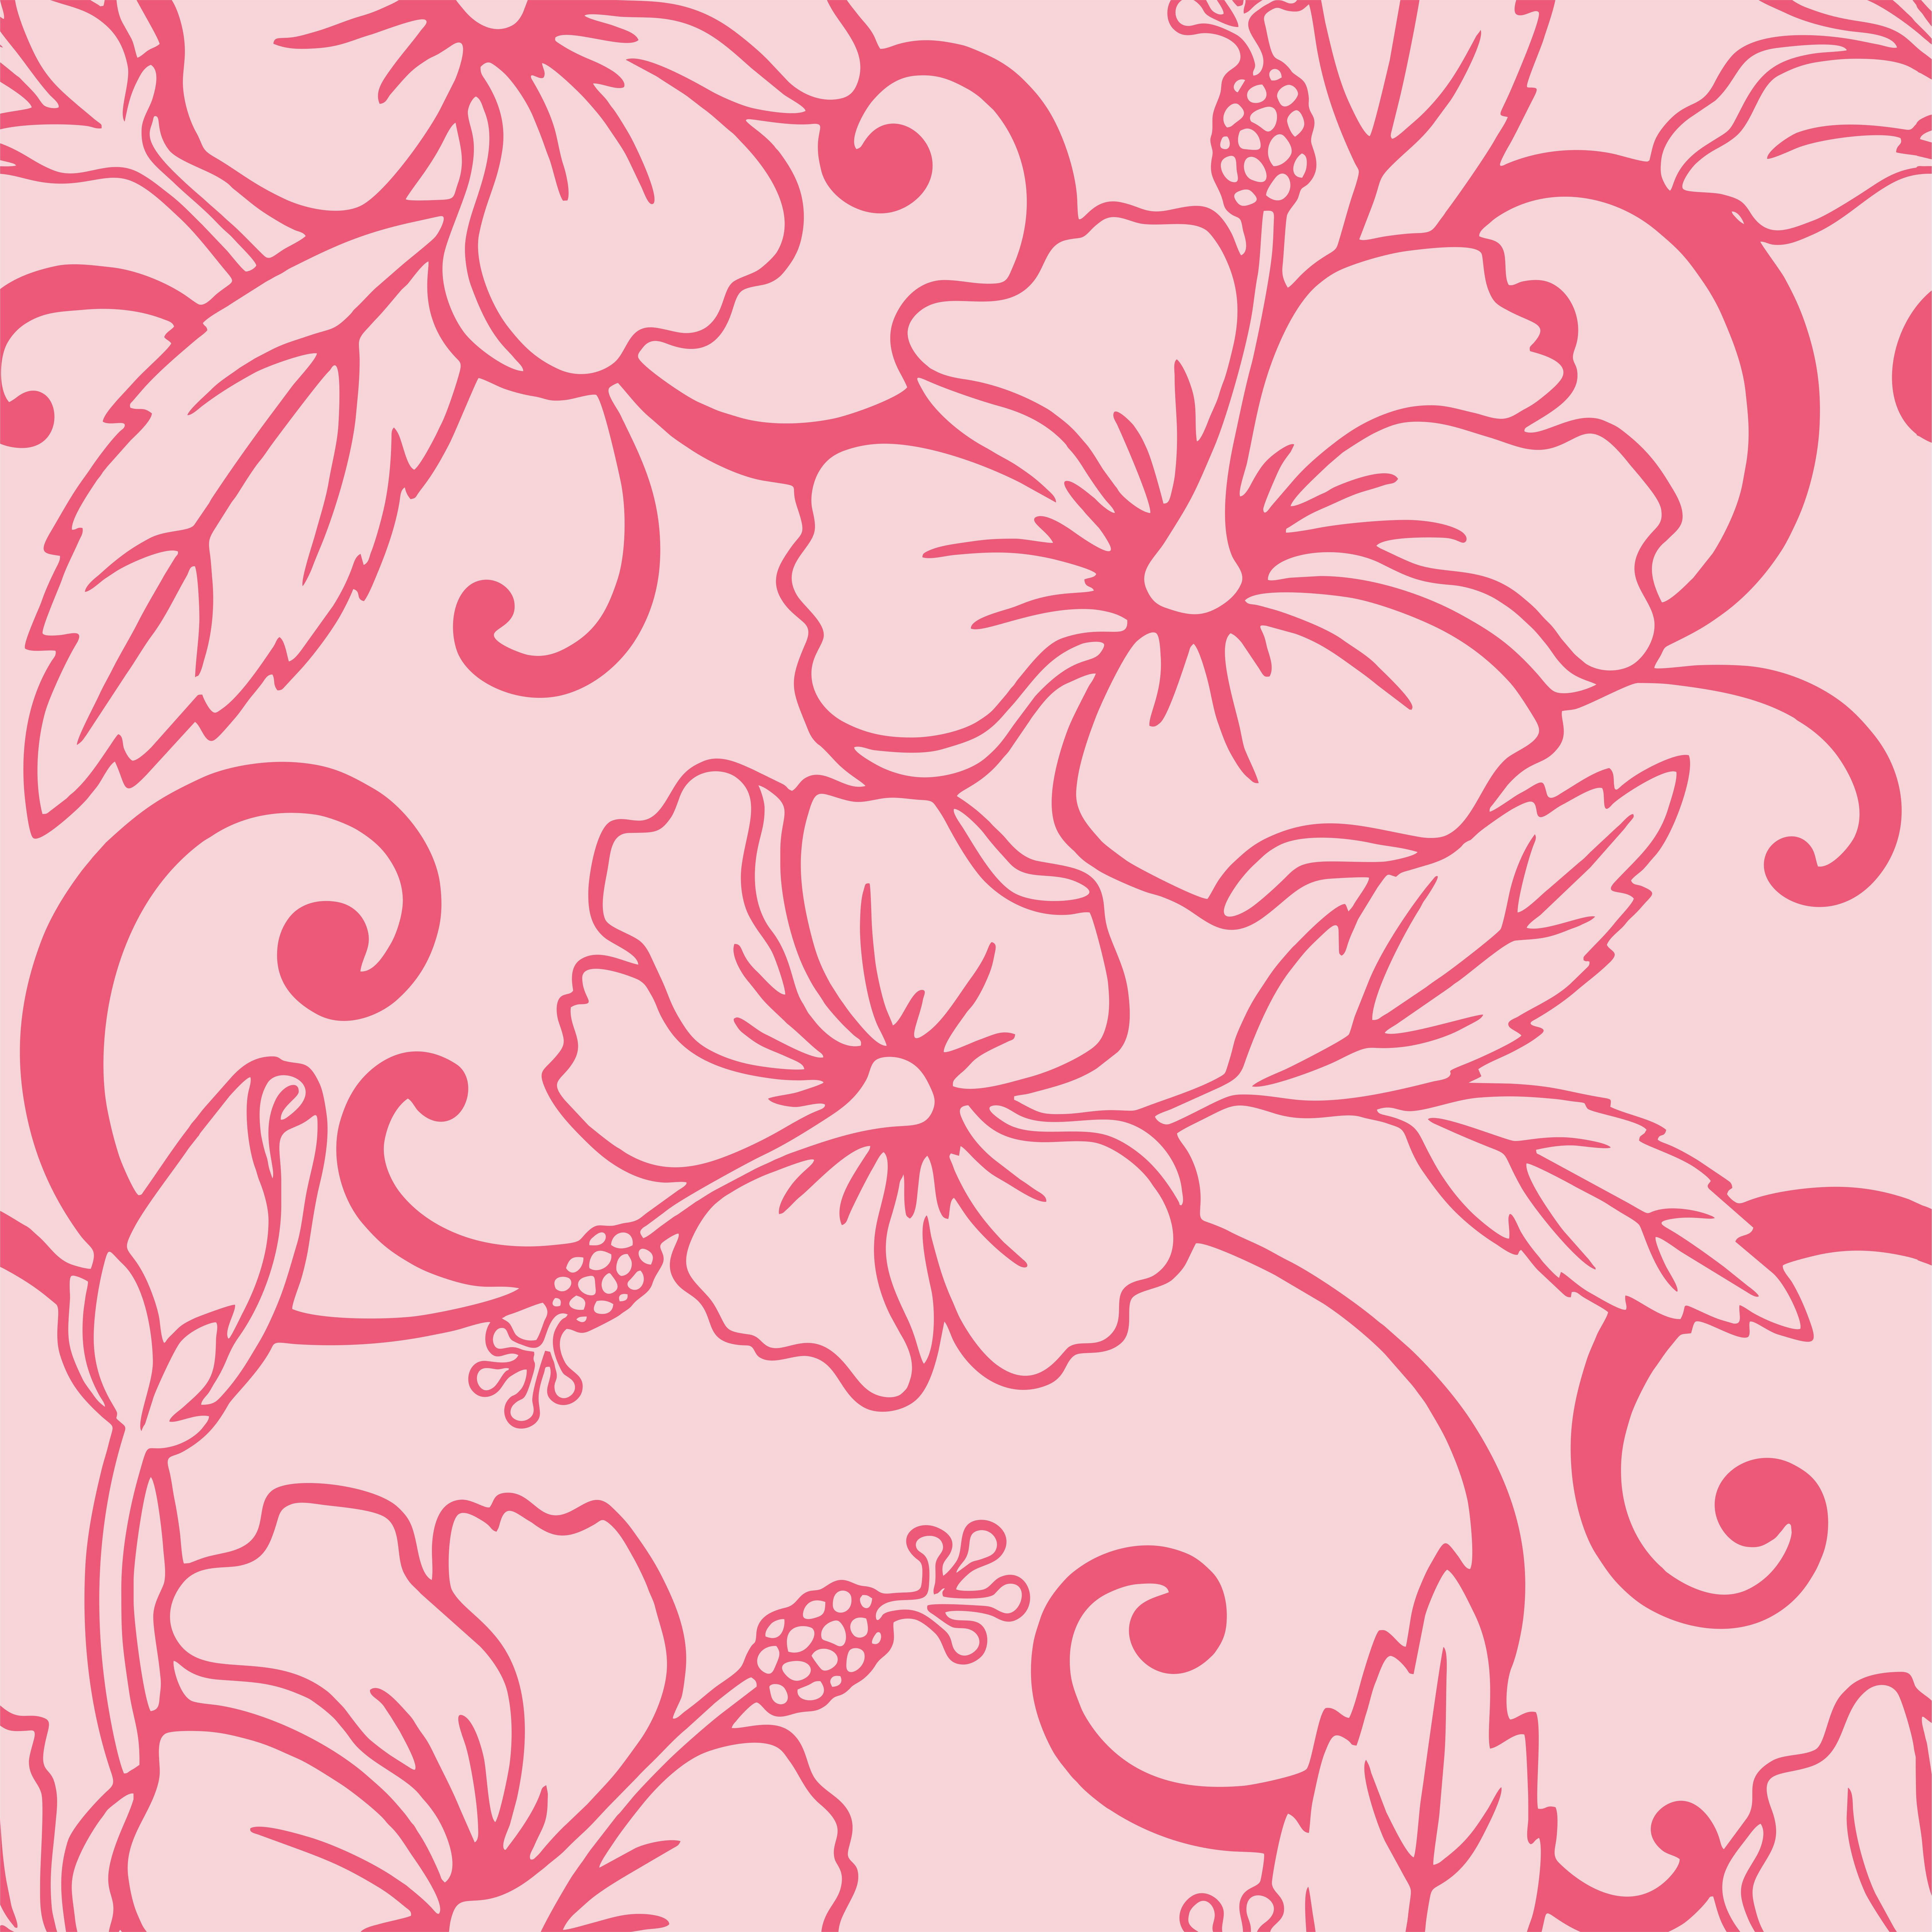 Papel De Parede Floral Tribal Fundo Rosa Autocolante No Elo7 B